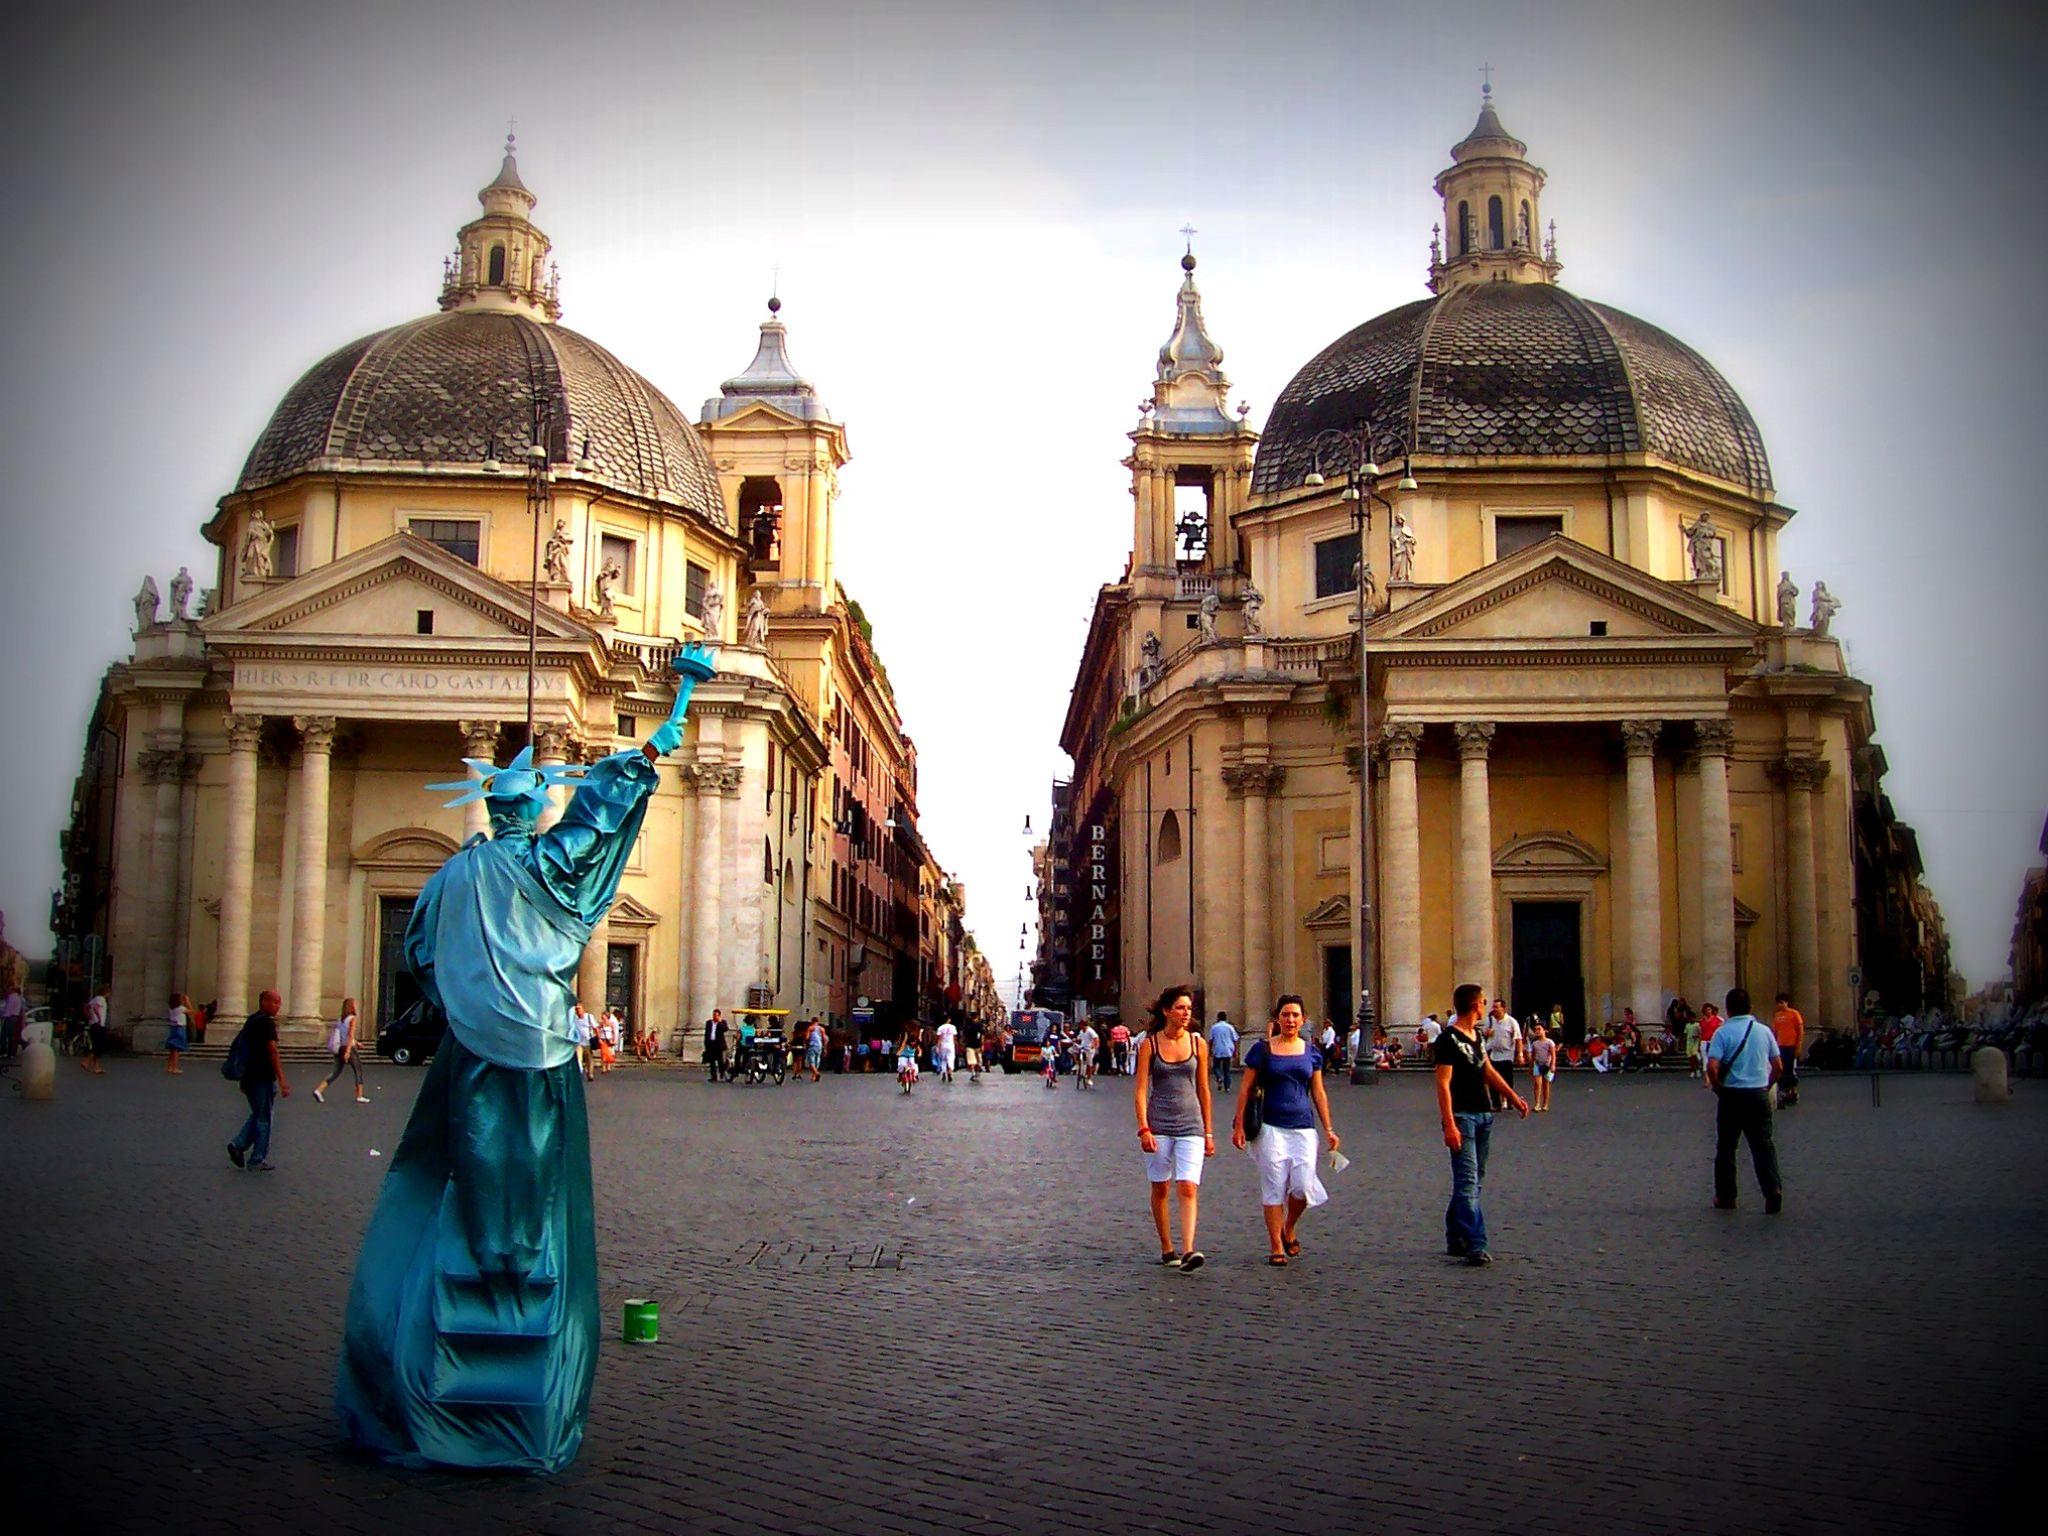 Piazza del Popolo by Deena Roth